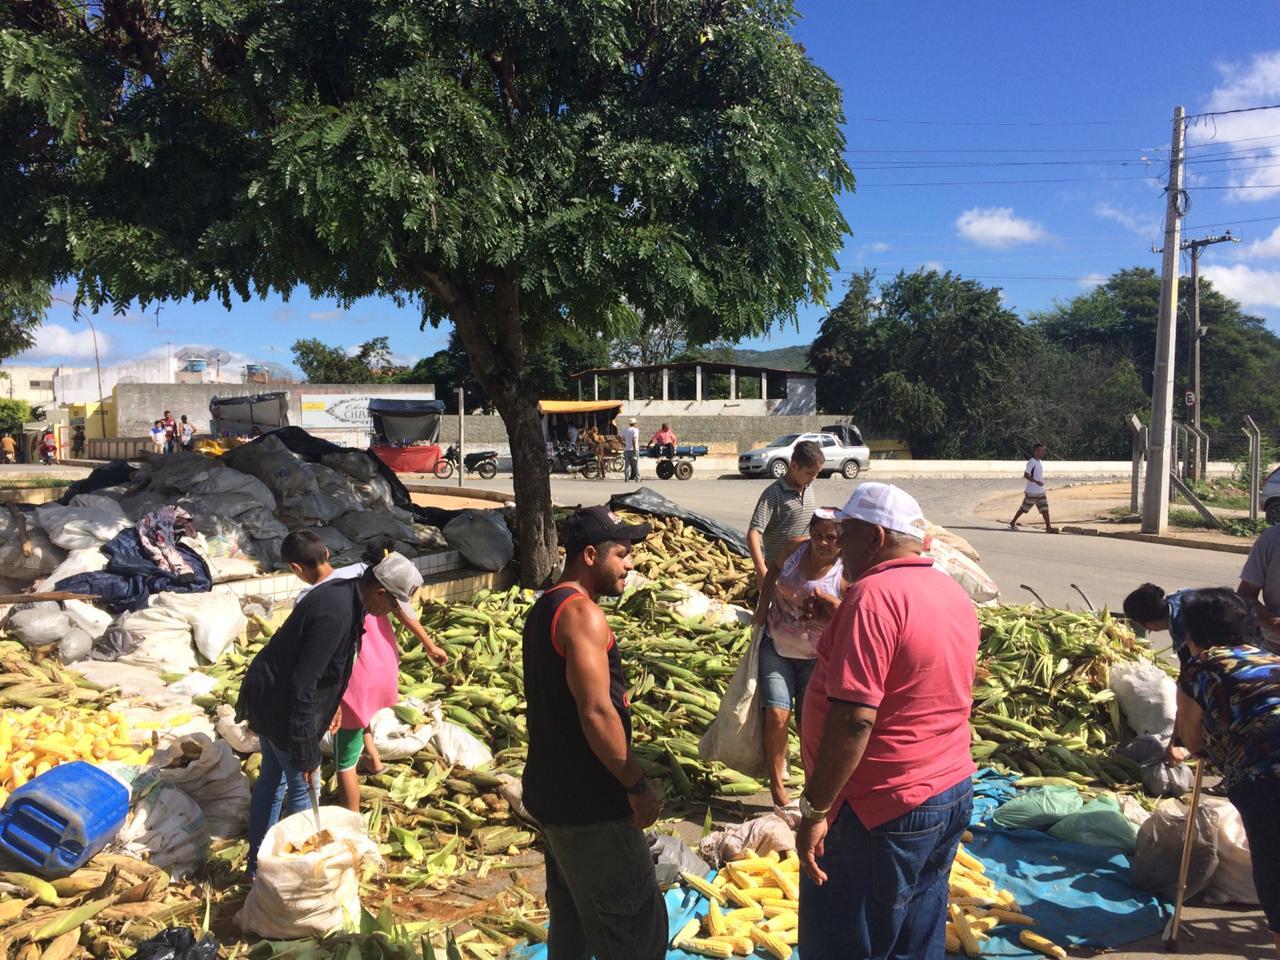 Comerciantes esperam aumentar vendas de milho e fogos no fim de semana do São João